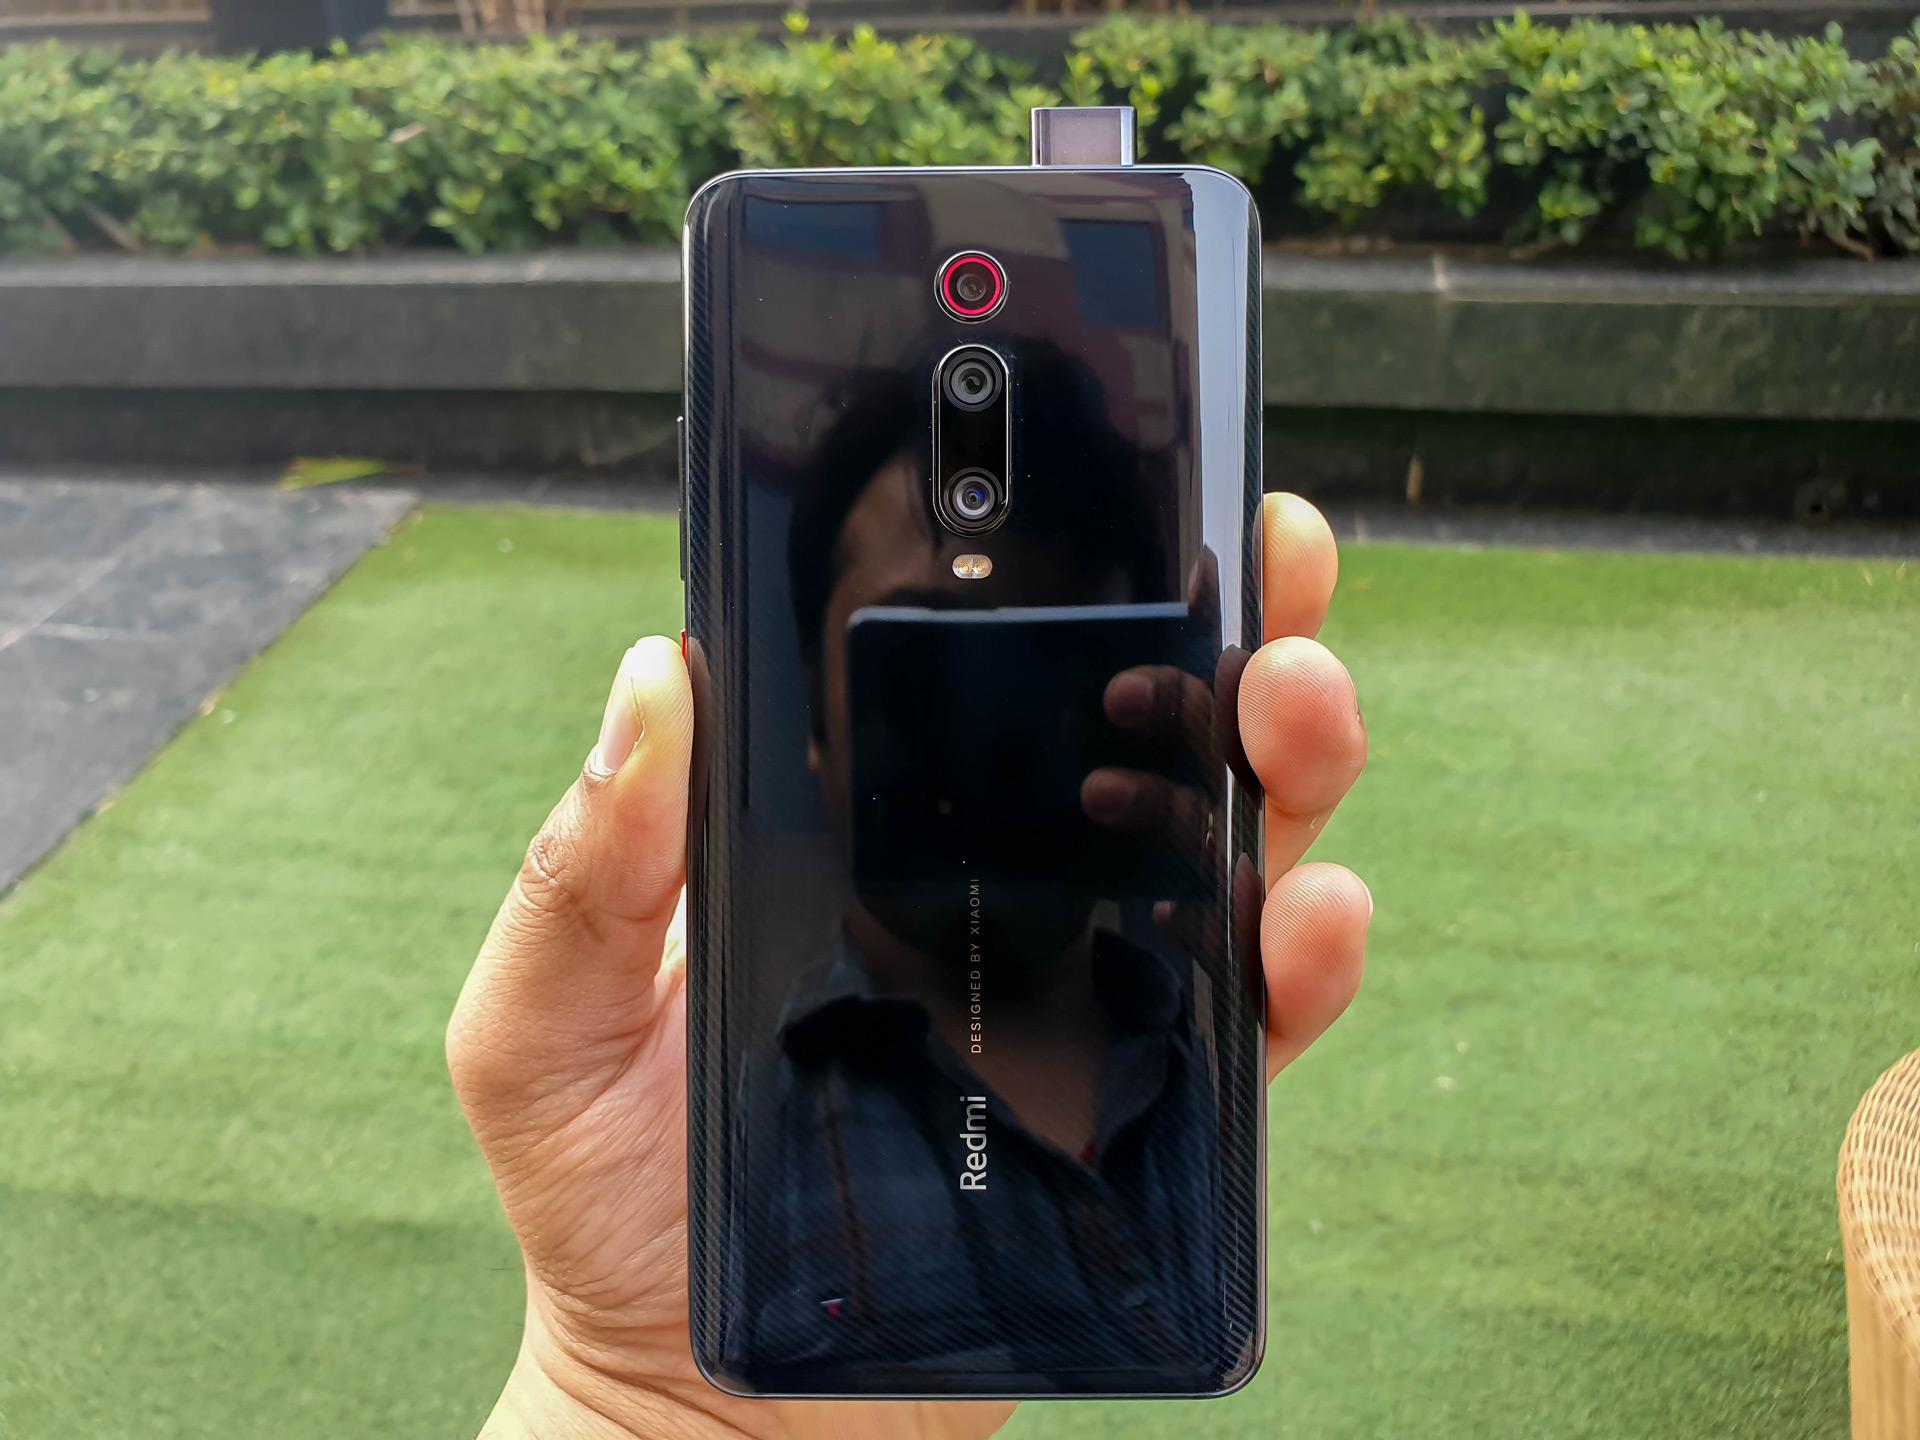 Xiaomi Redmi K20 Pro FAQ - All Questions answered